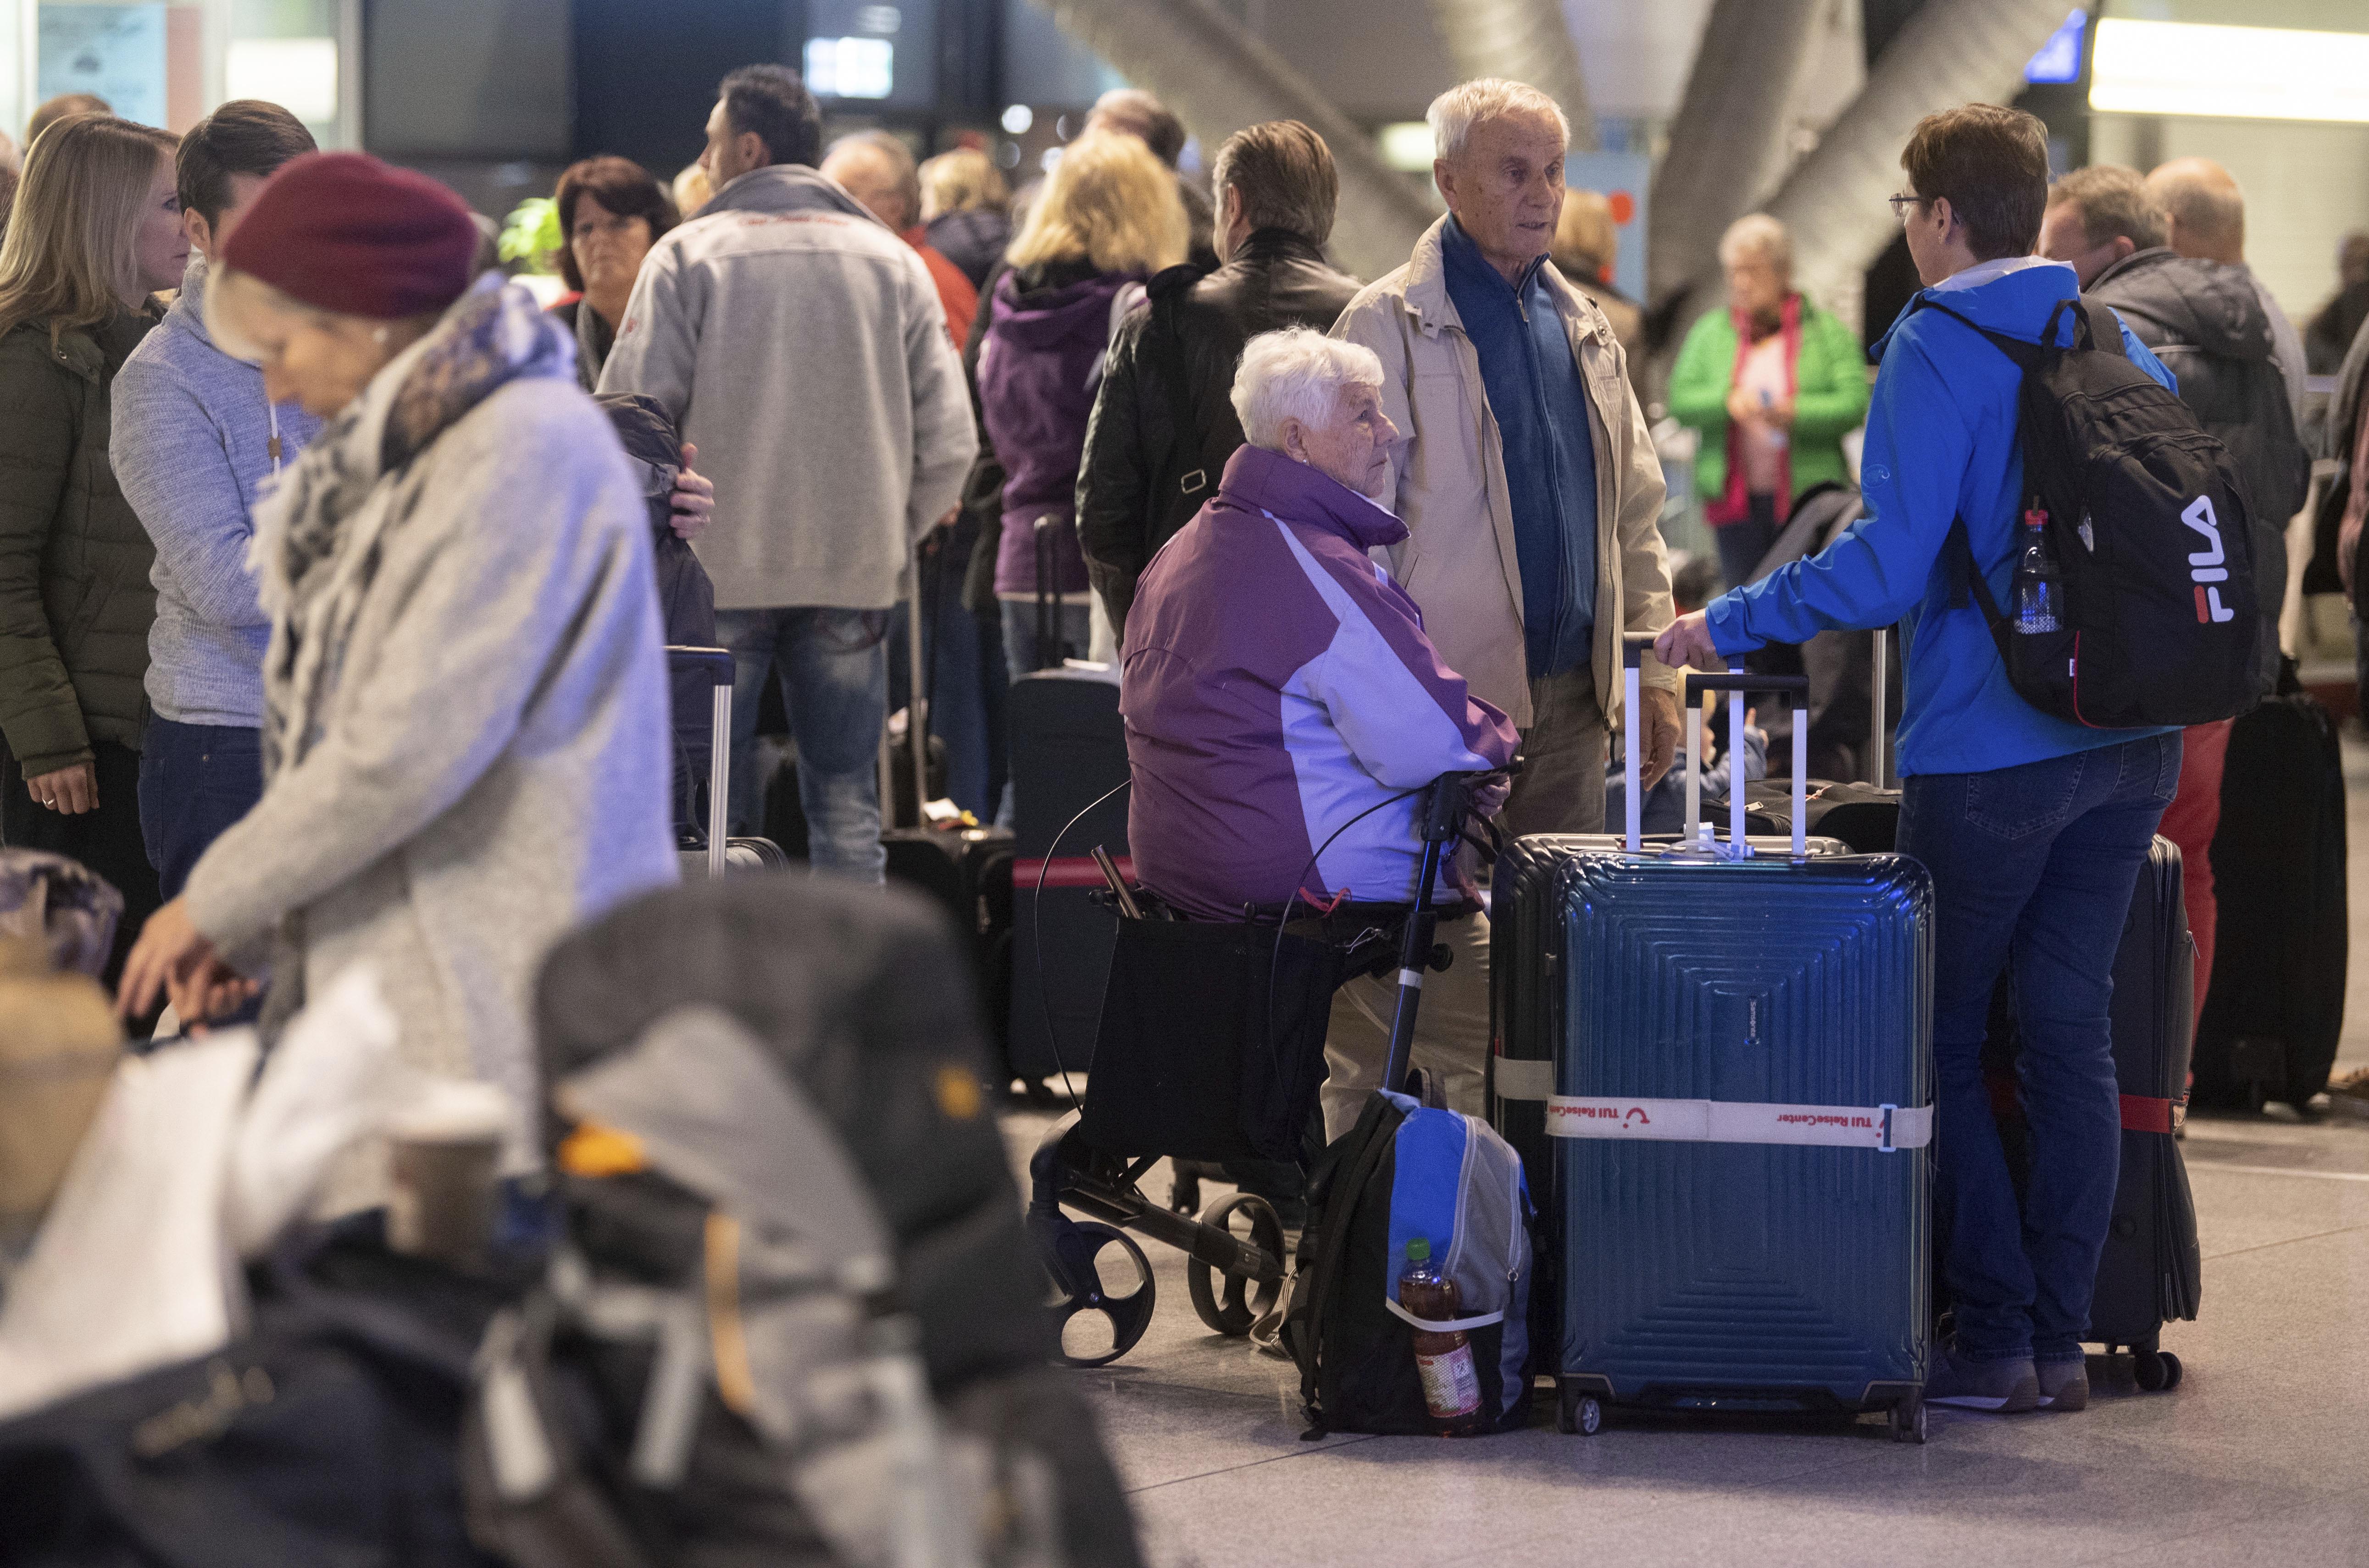 Γερμανία: Περισσότερες από 600 πτήσεις ακυρώθηκαν λόγω απεργίας σε τρία αεροδρόμια, φωτογραφία-4